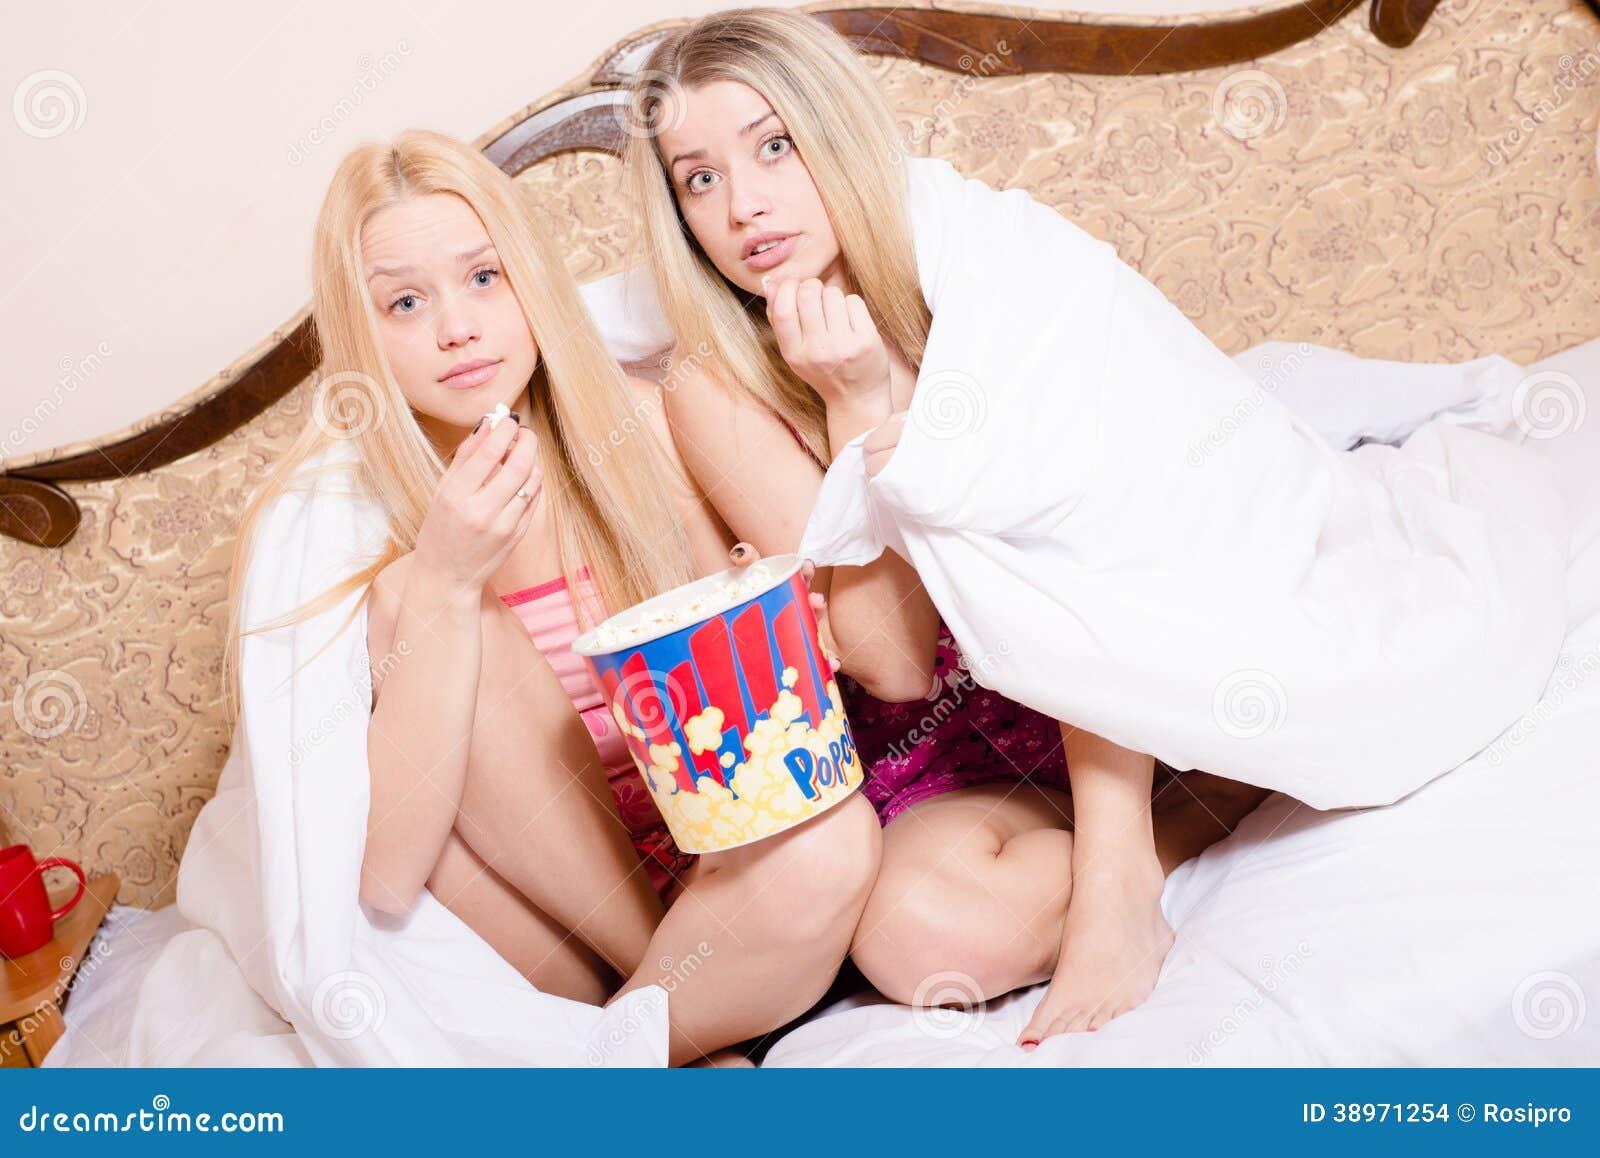 Недетские шалости двух юных блондинок